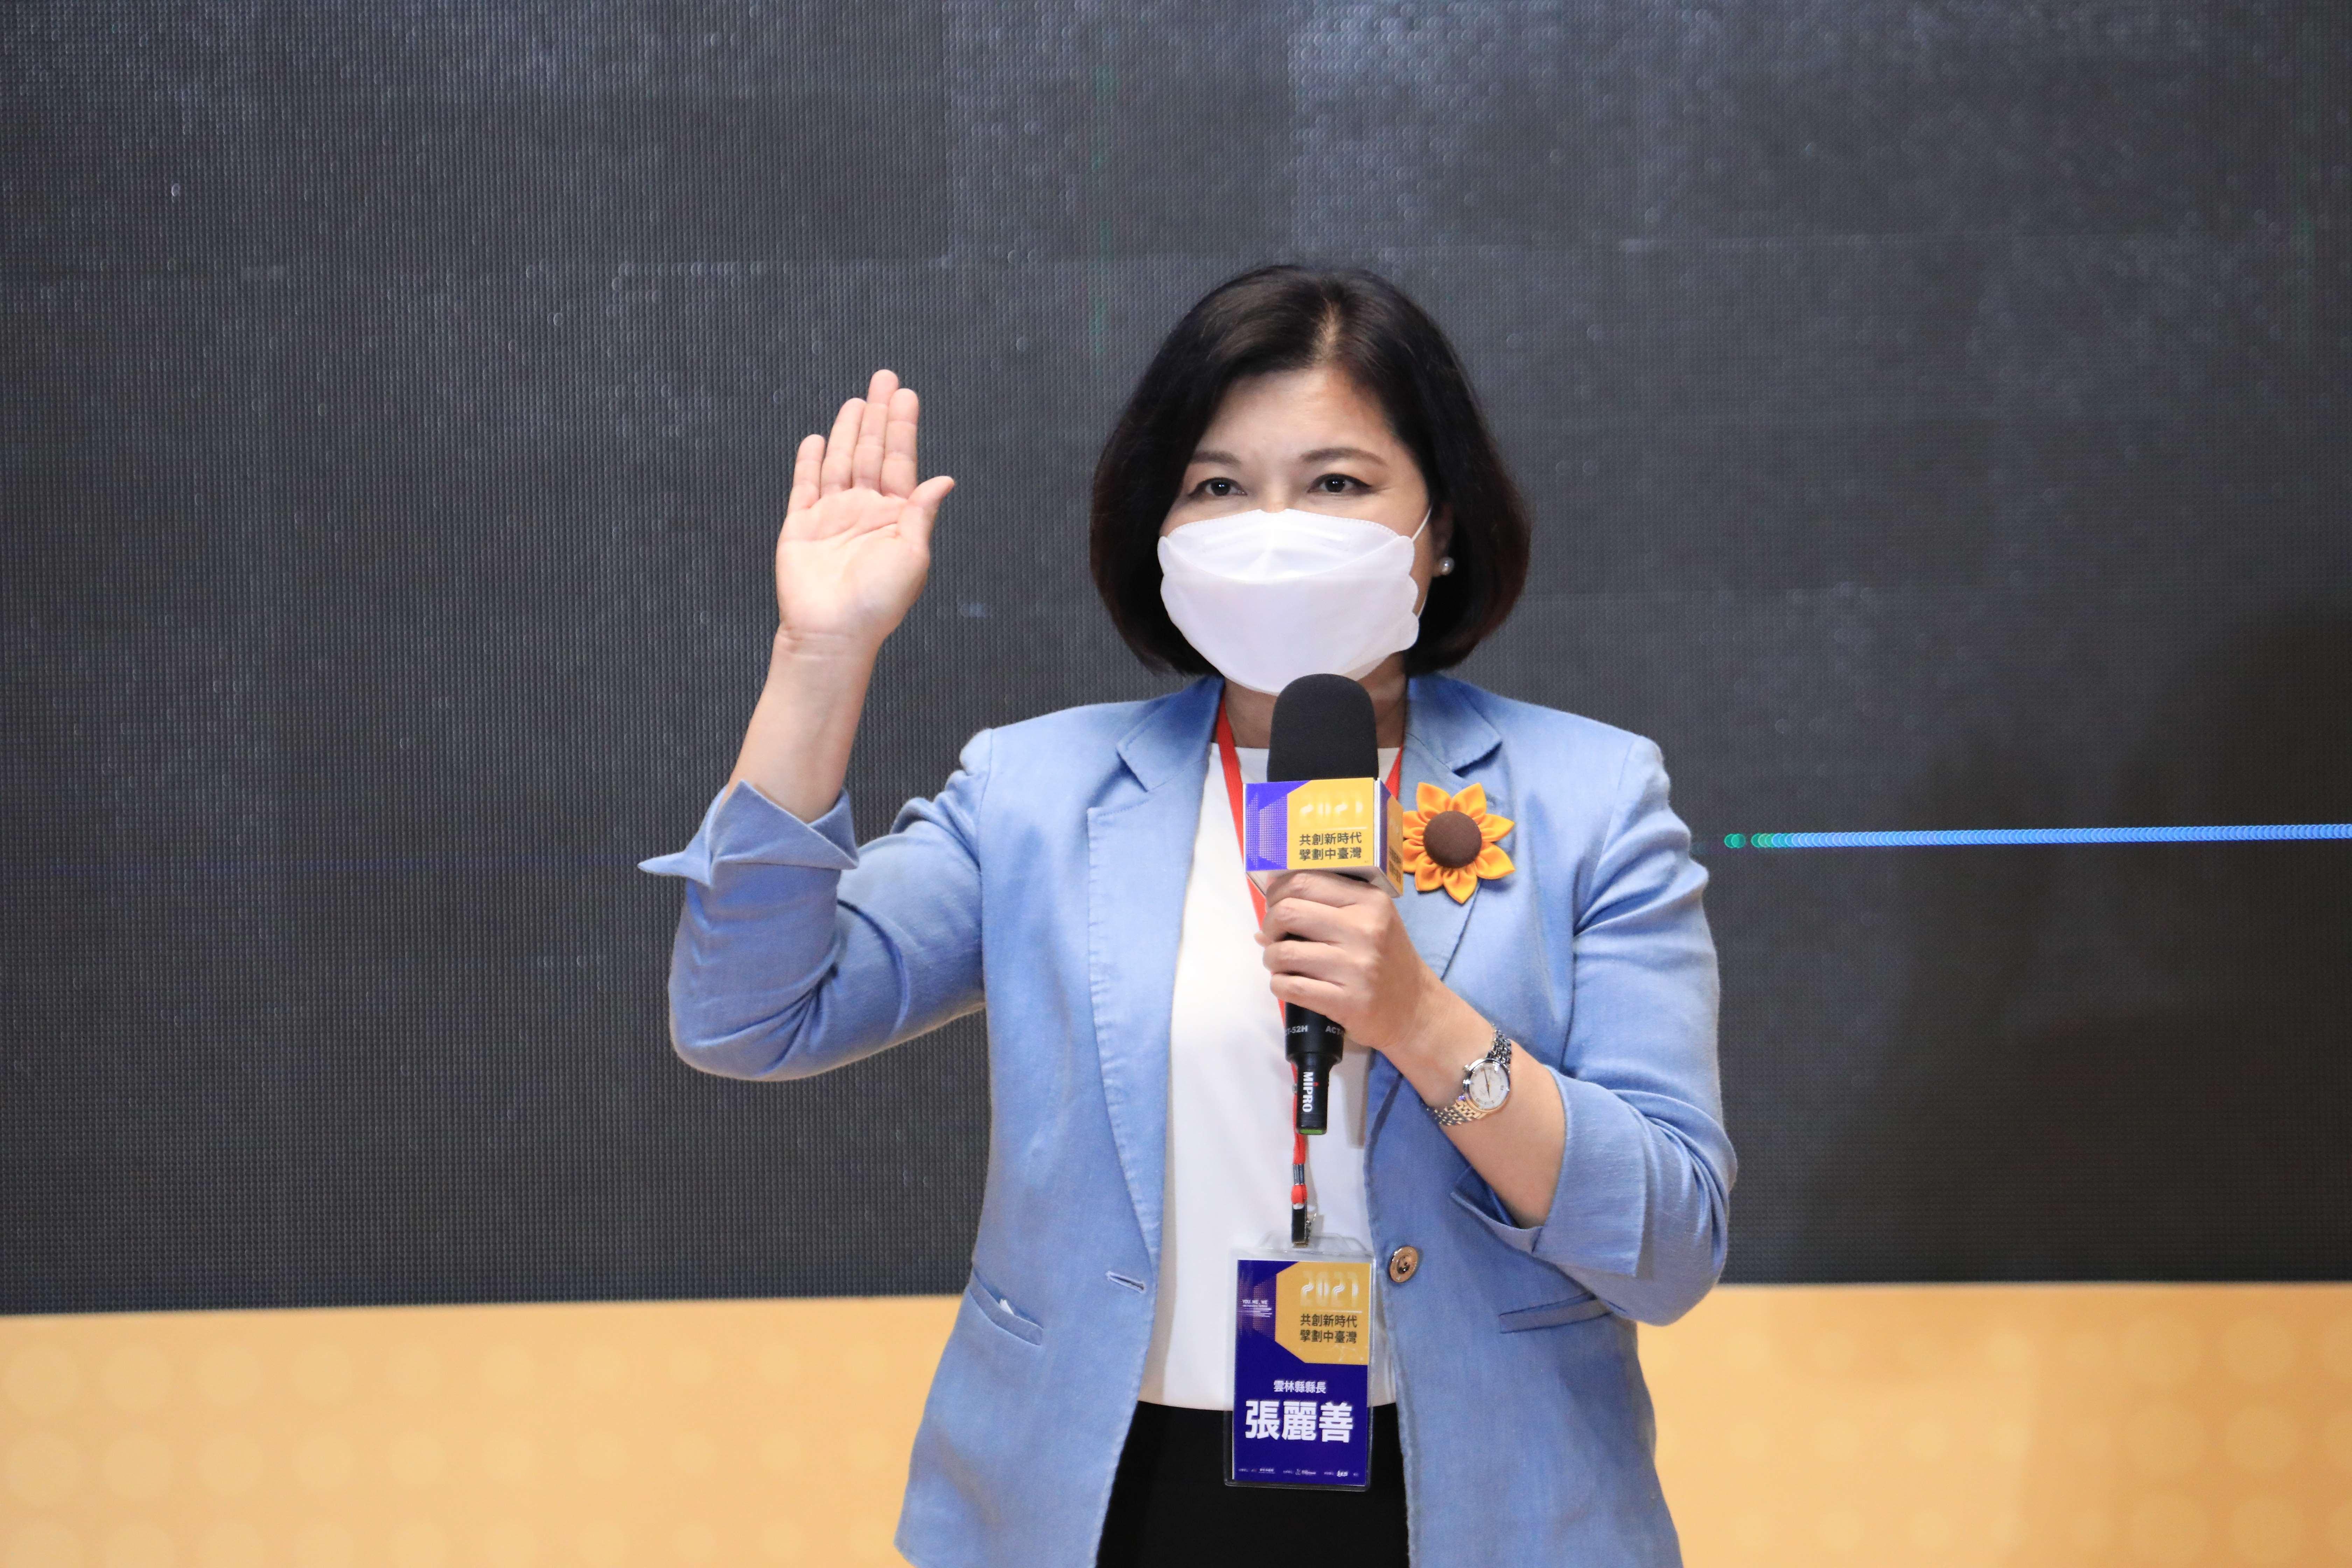 張縣長宣示承諾從雲林縣開始,在防疫、環保及經濟等面向,深化中部城市區域合作,擘劃中臺灣共榮的新時代。